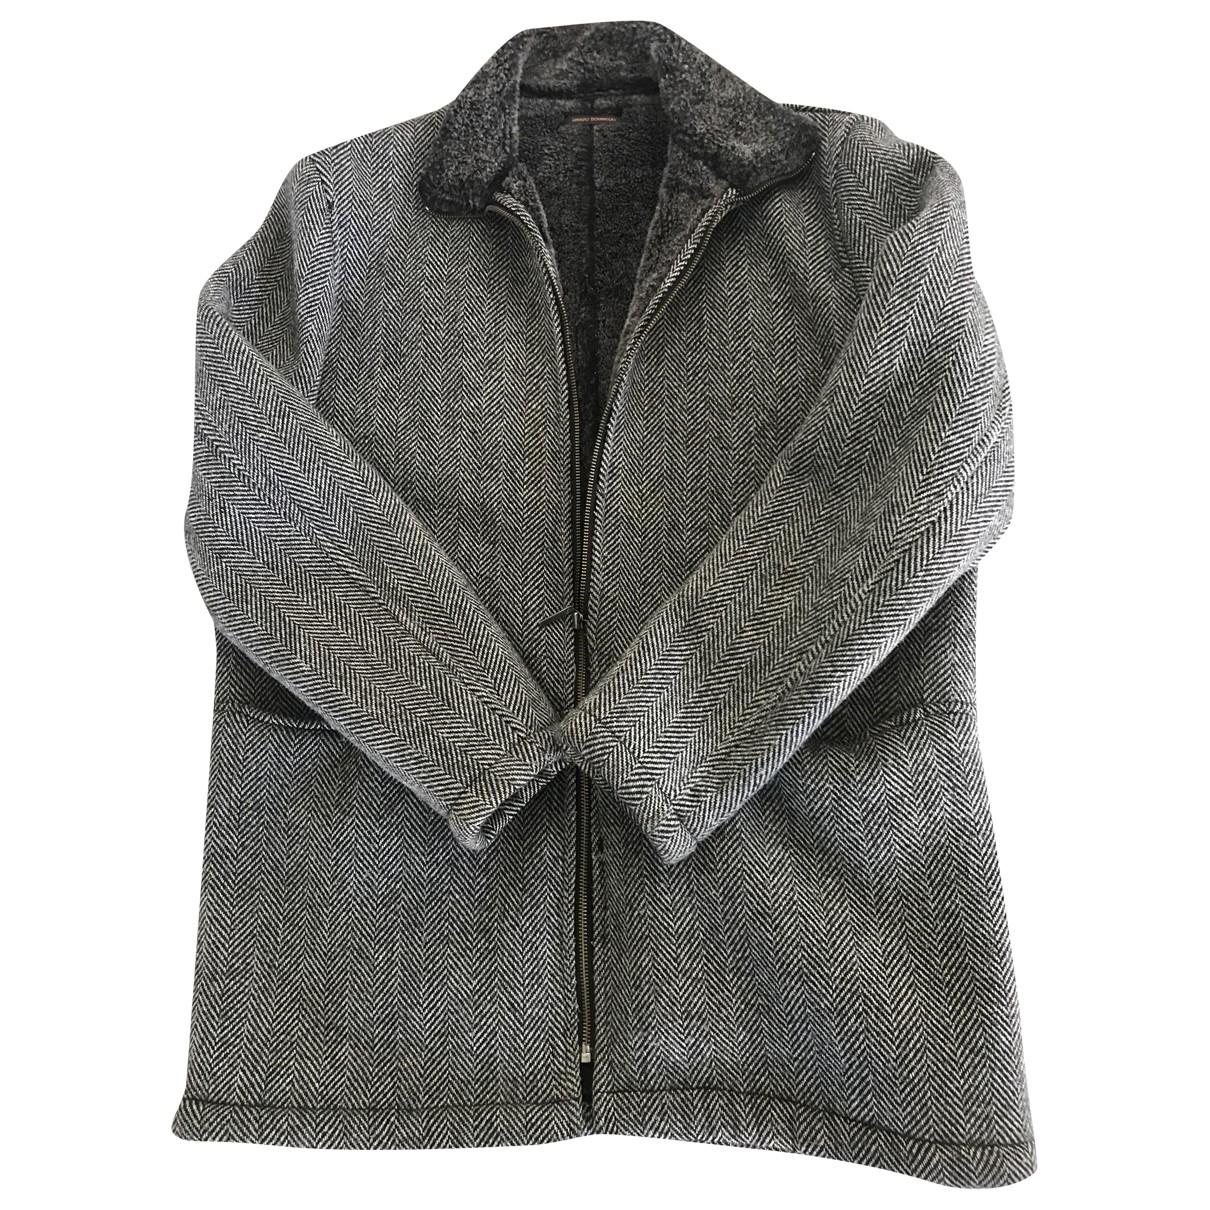 Adolfo Dominguez - Manteau   pour homme en laine - gris